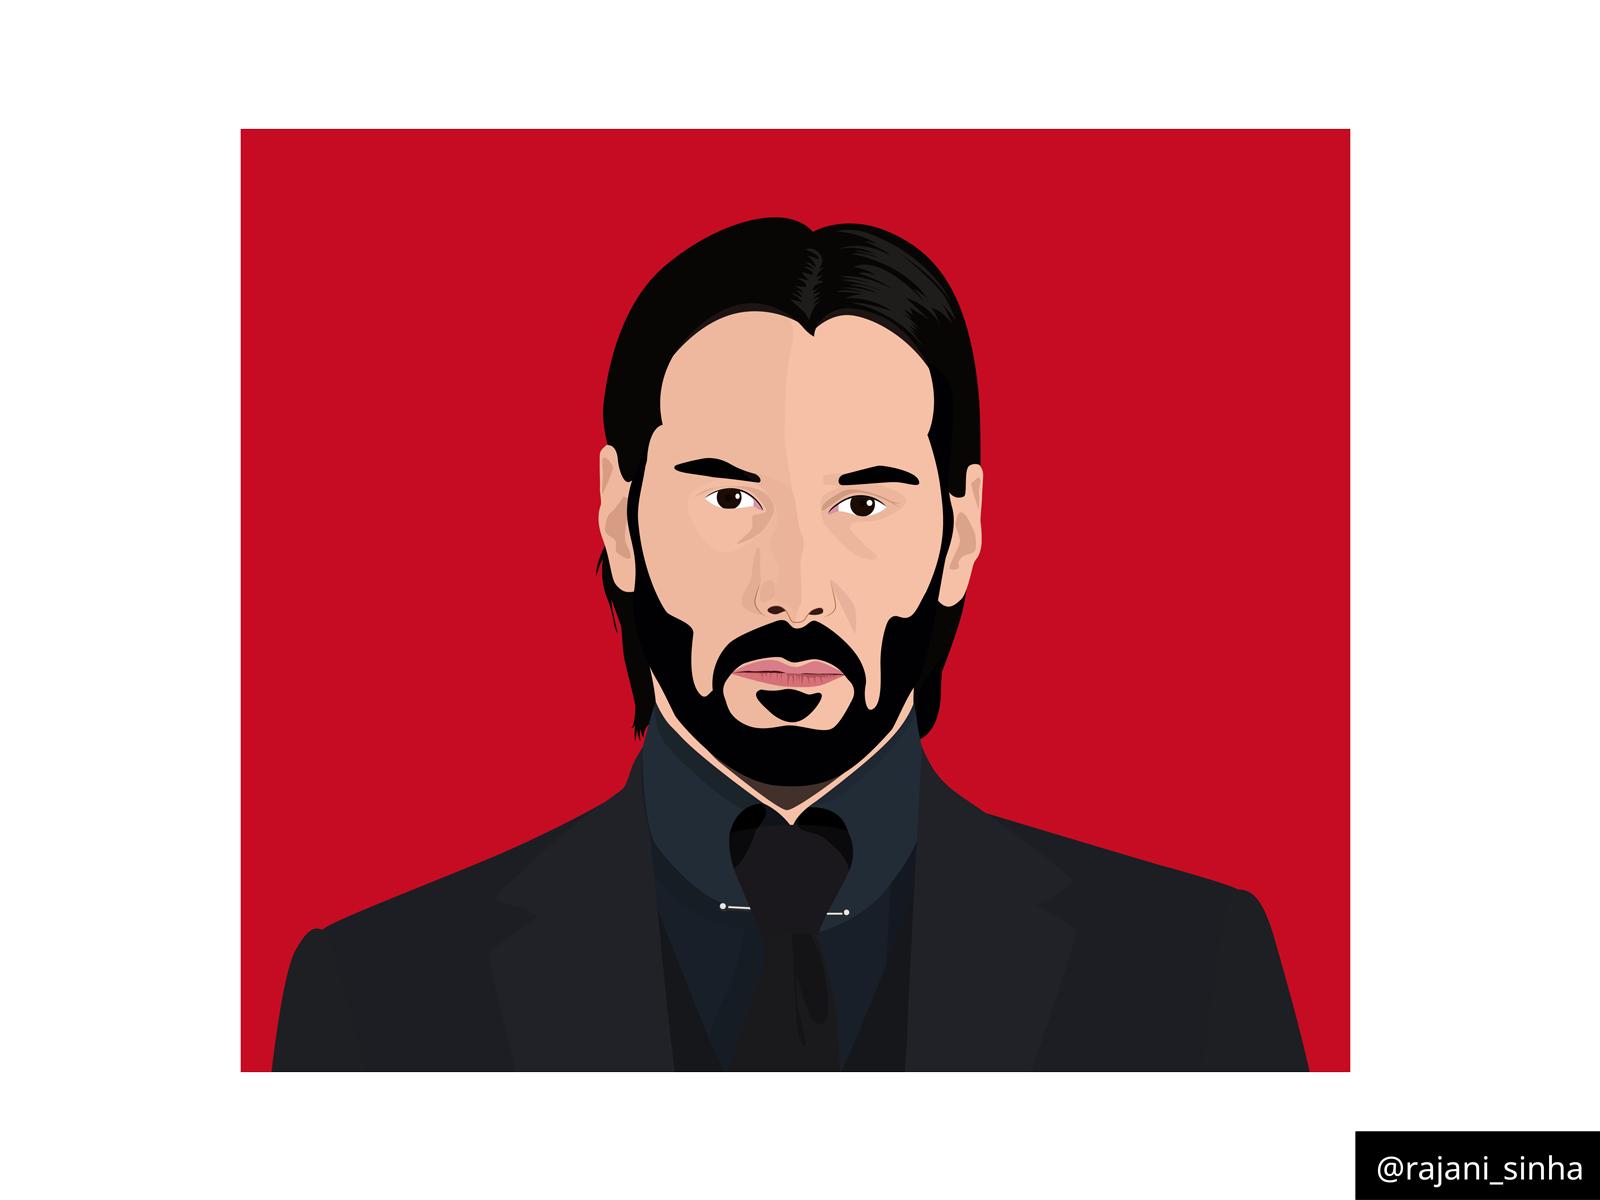 Keanu Reeves John Wick By Rajani Sinha On Dribbble